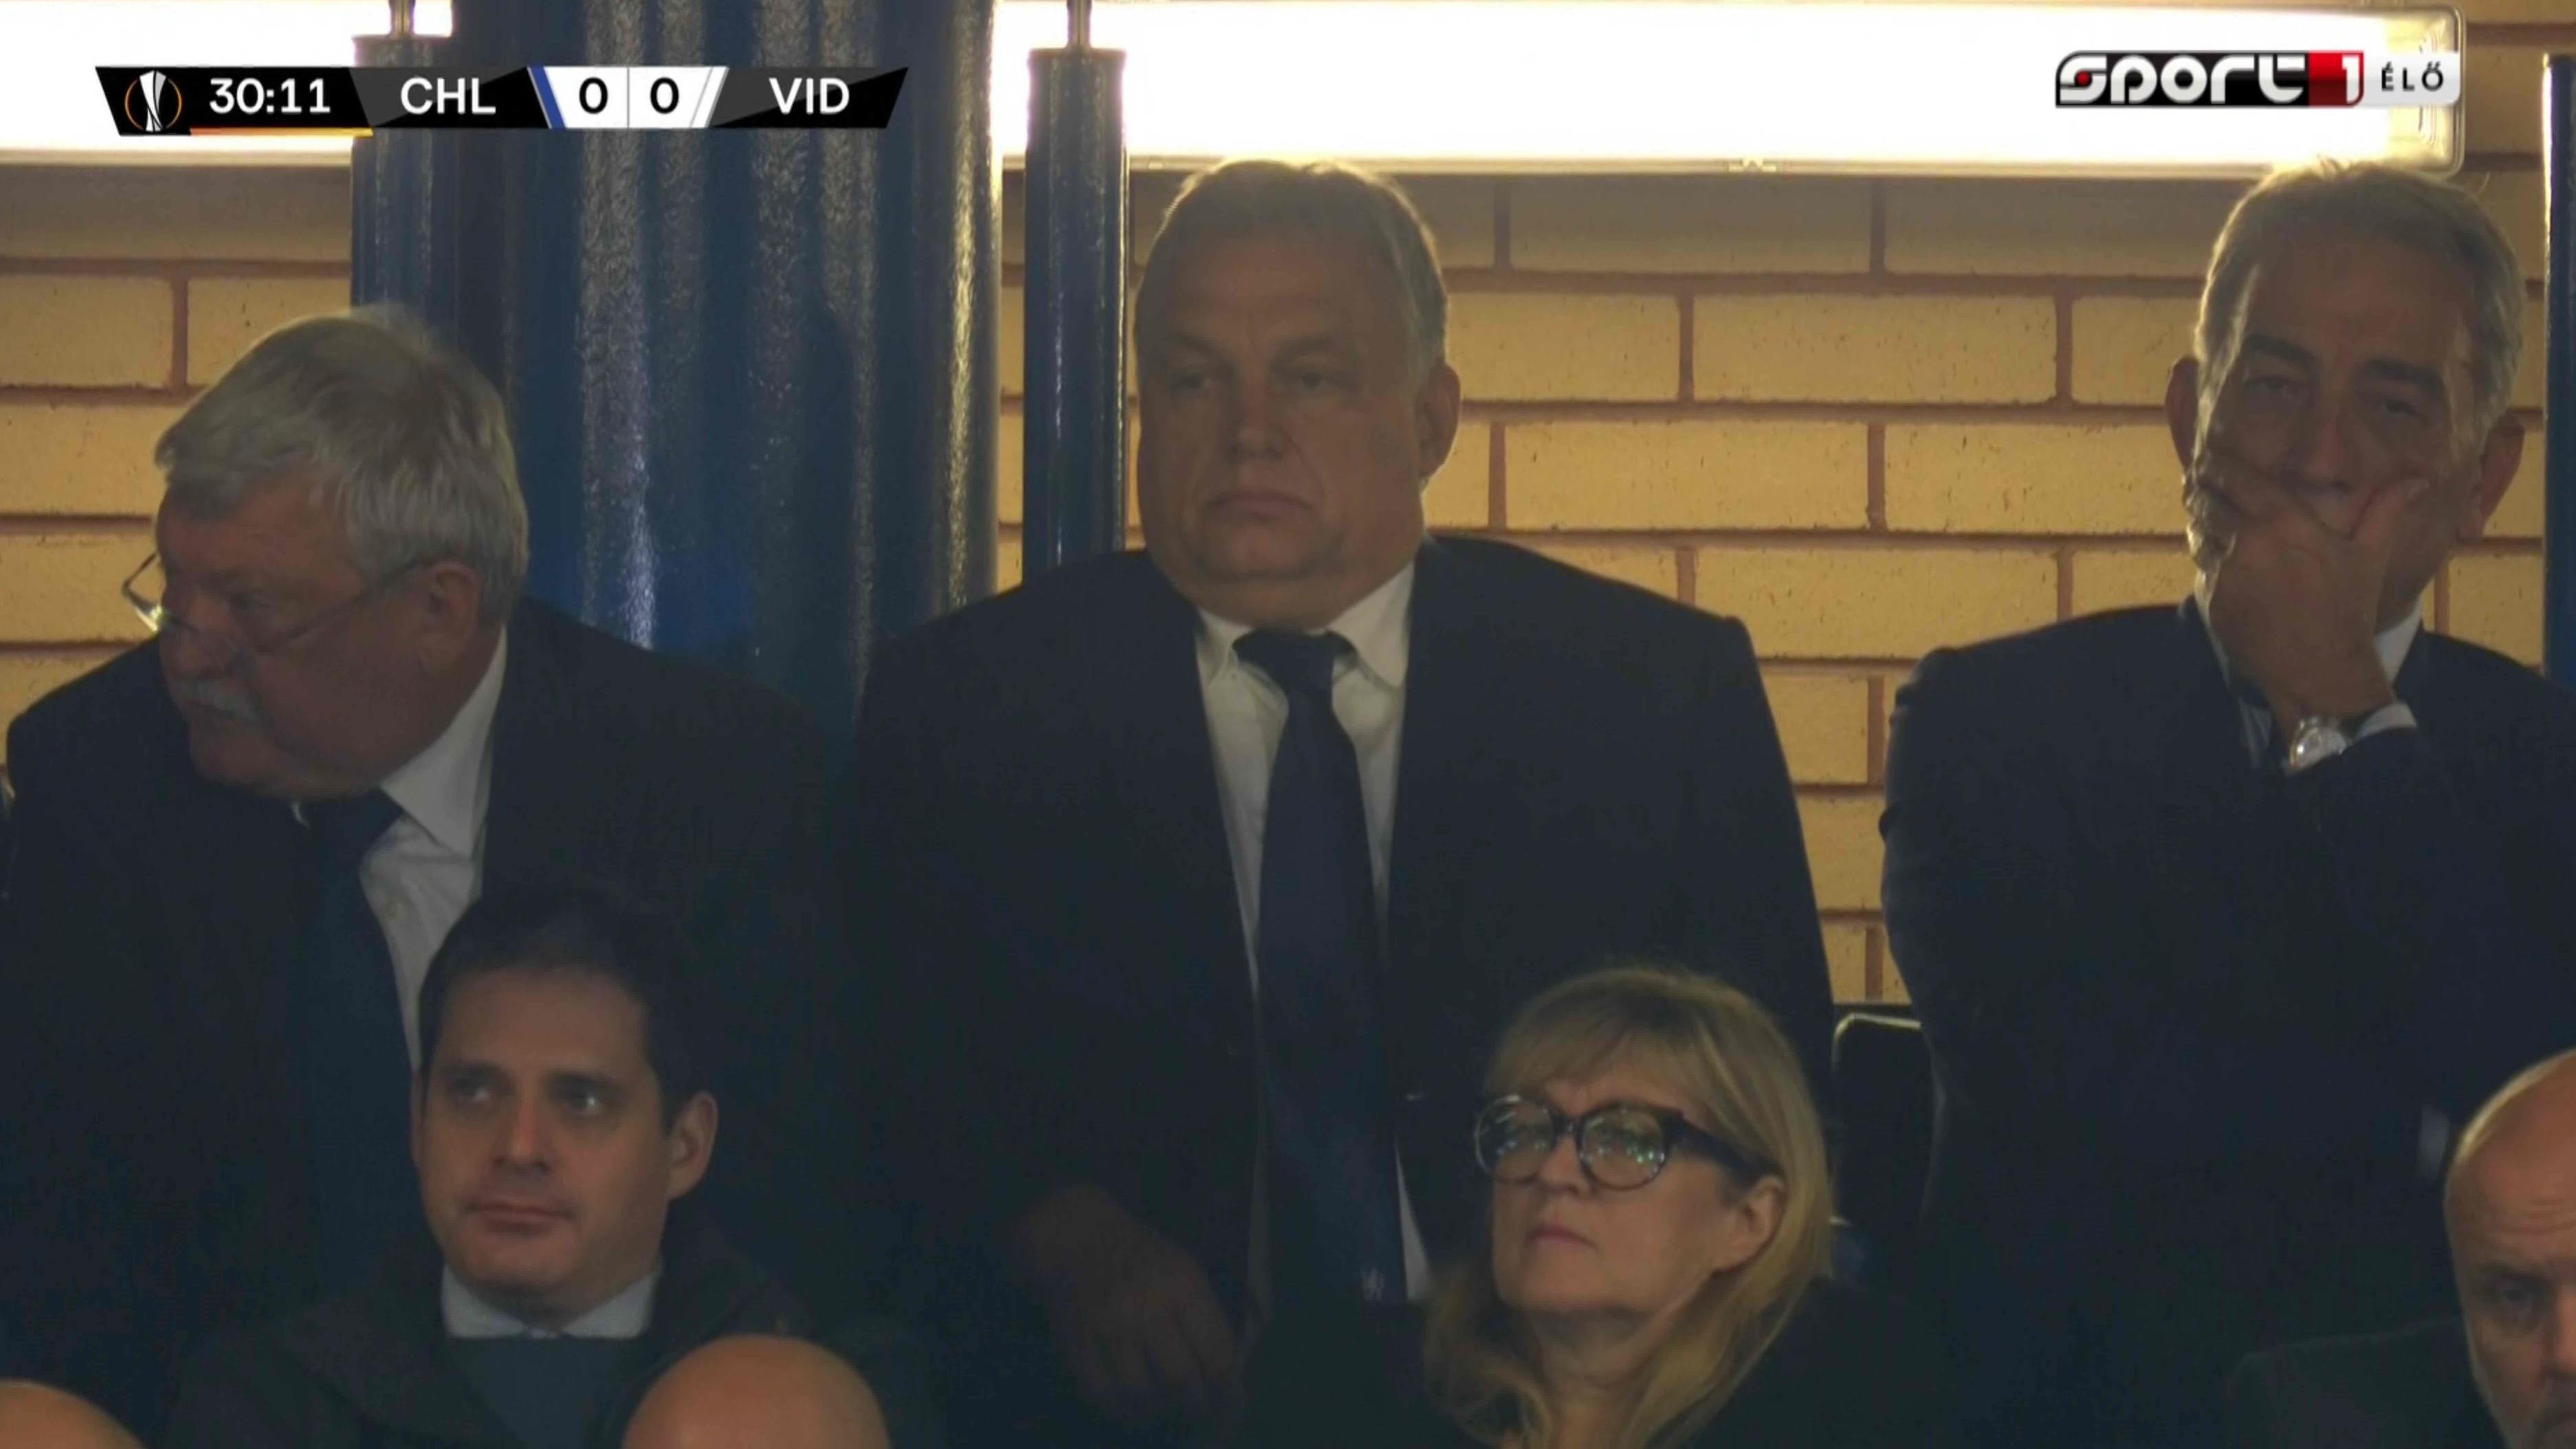 Elindultak haza Londonból a magánrepülők, amiken Orbánt is megajándékozzák néha egy-egy hellyel